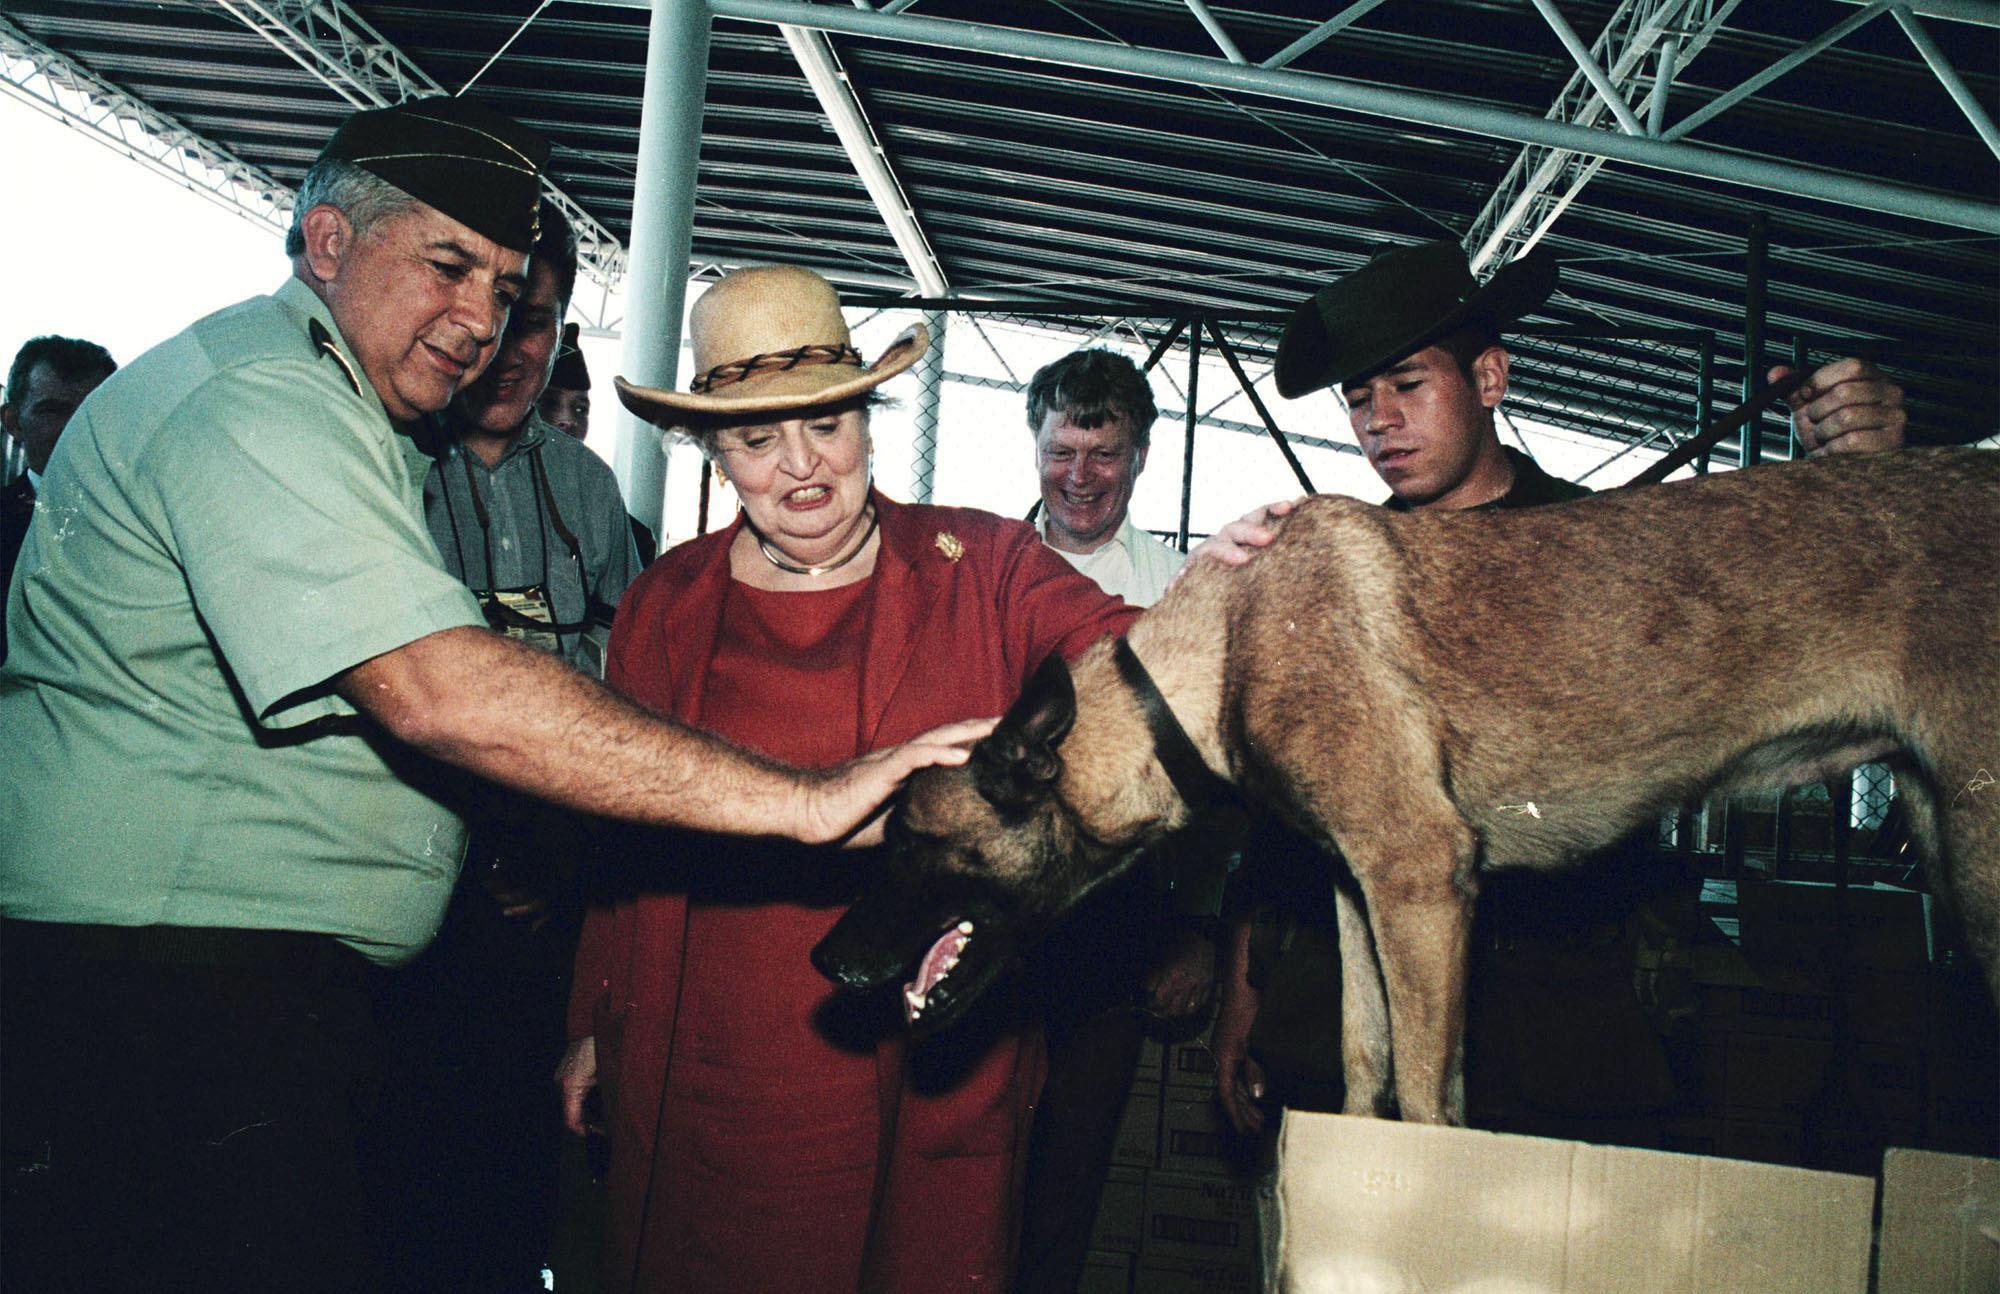 4. An International Pet From Madeleine Alrbight